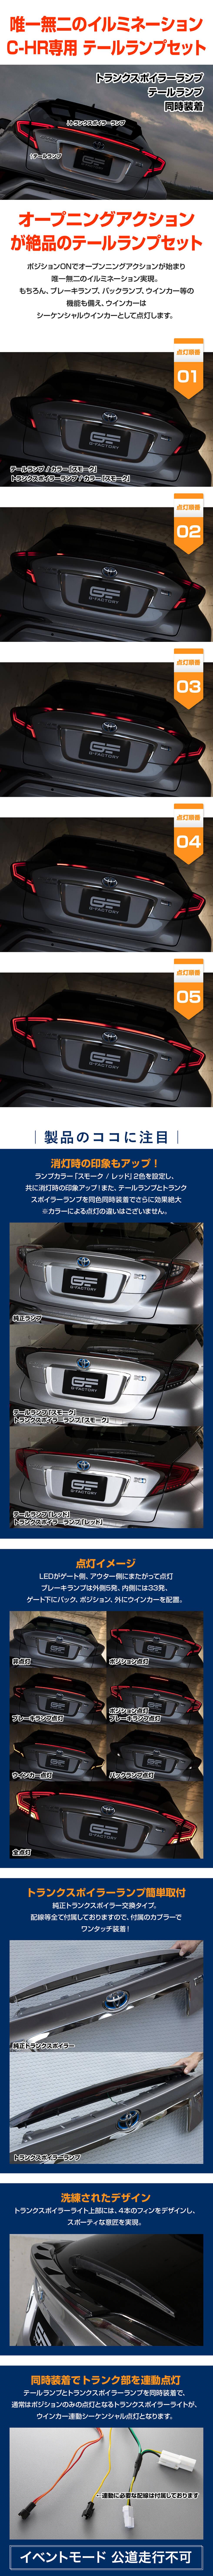 トヨタ C-HR テールランプ 全車対応 純正テールランプ 交換タイプ イルミネーション オープニング アクション TOYOTA